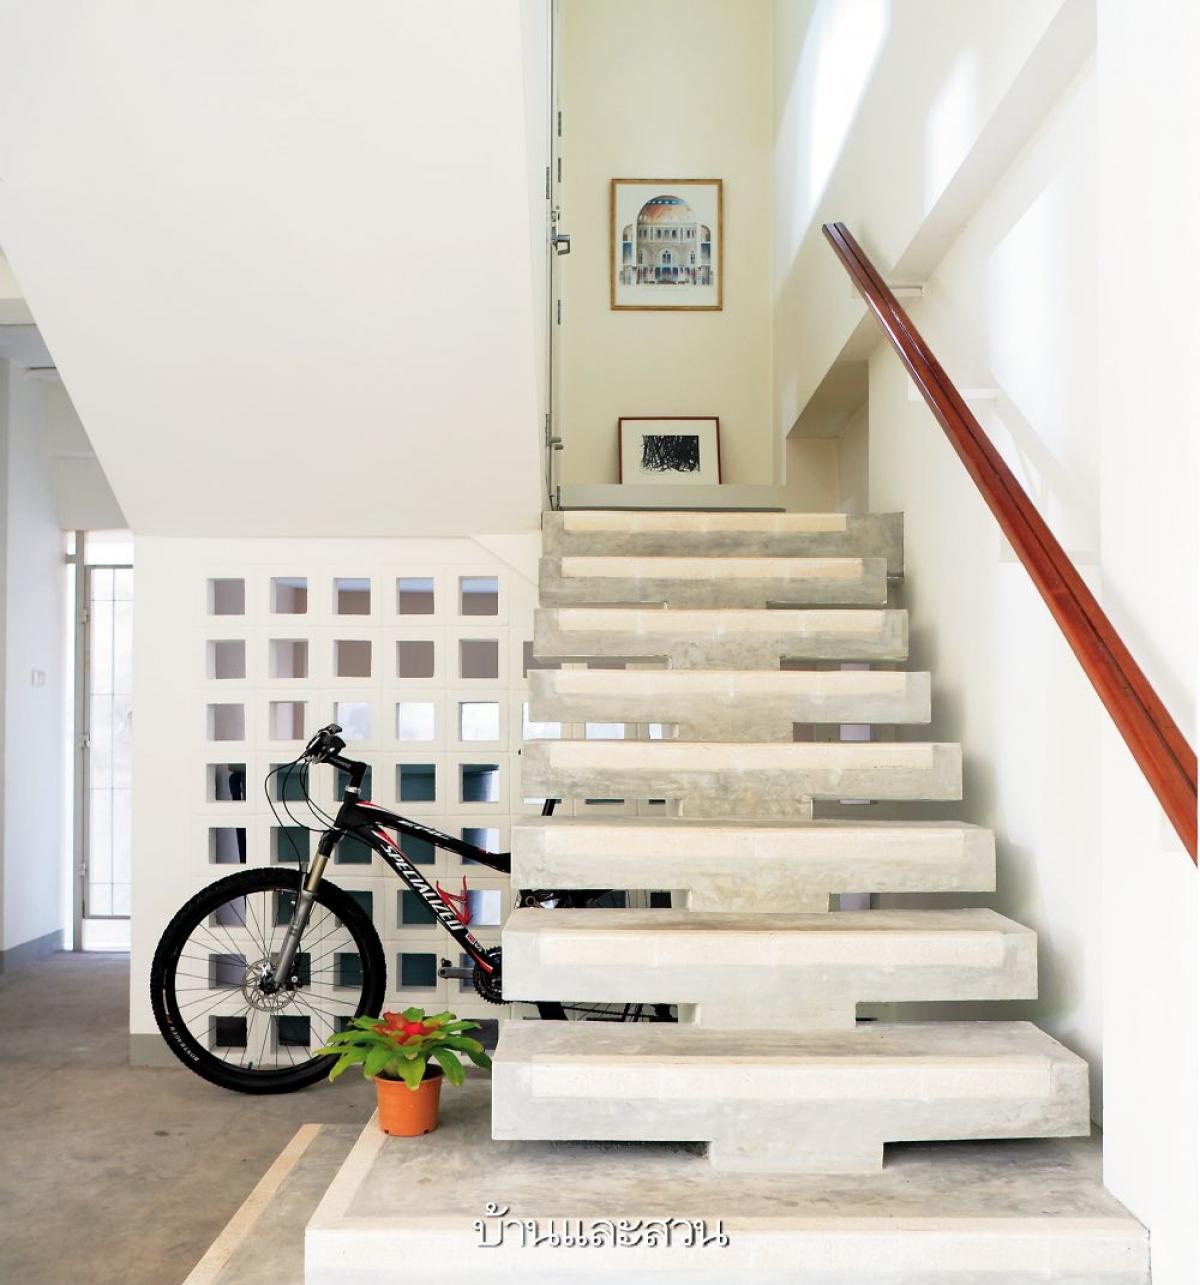 Cầu thang chính được làm bằng gạch có lỗ thông gió tốt đi kèm với chậu hoa nhỏ như bù đắp lại sự đơn điệu này.